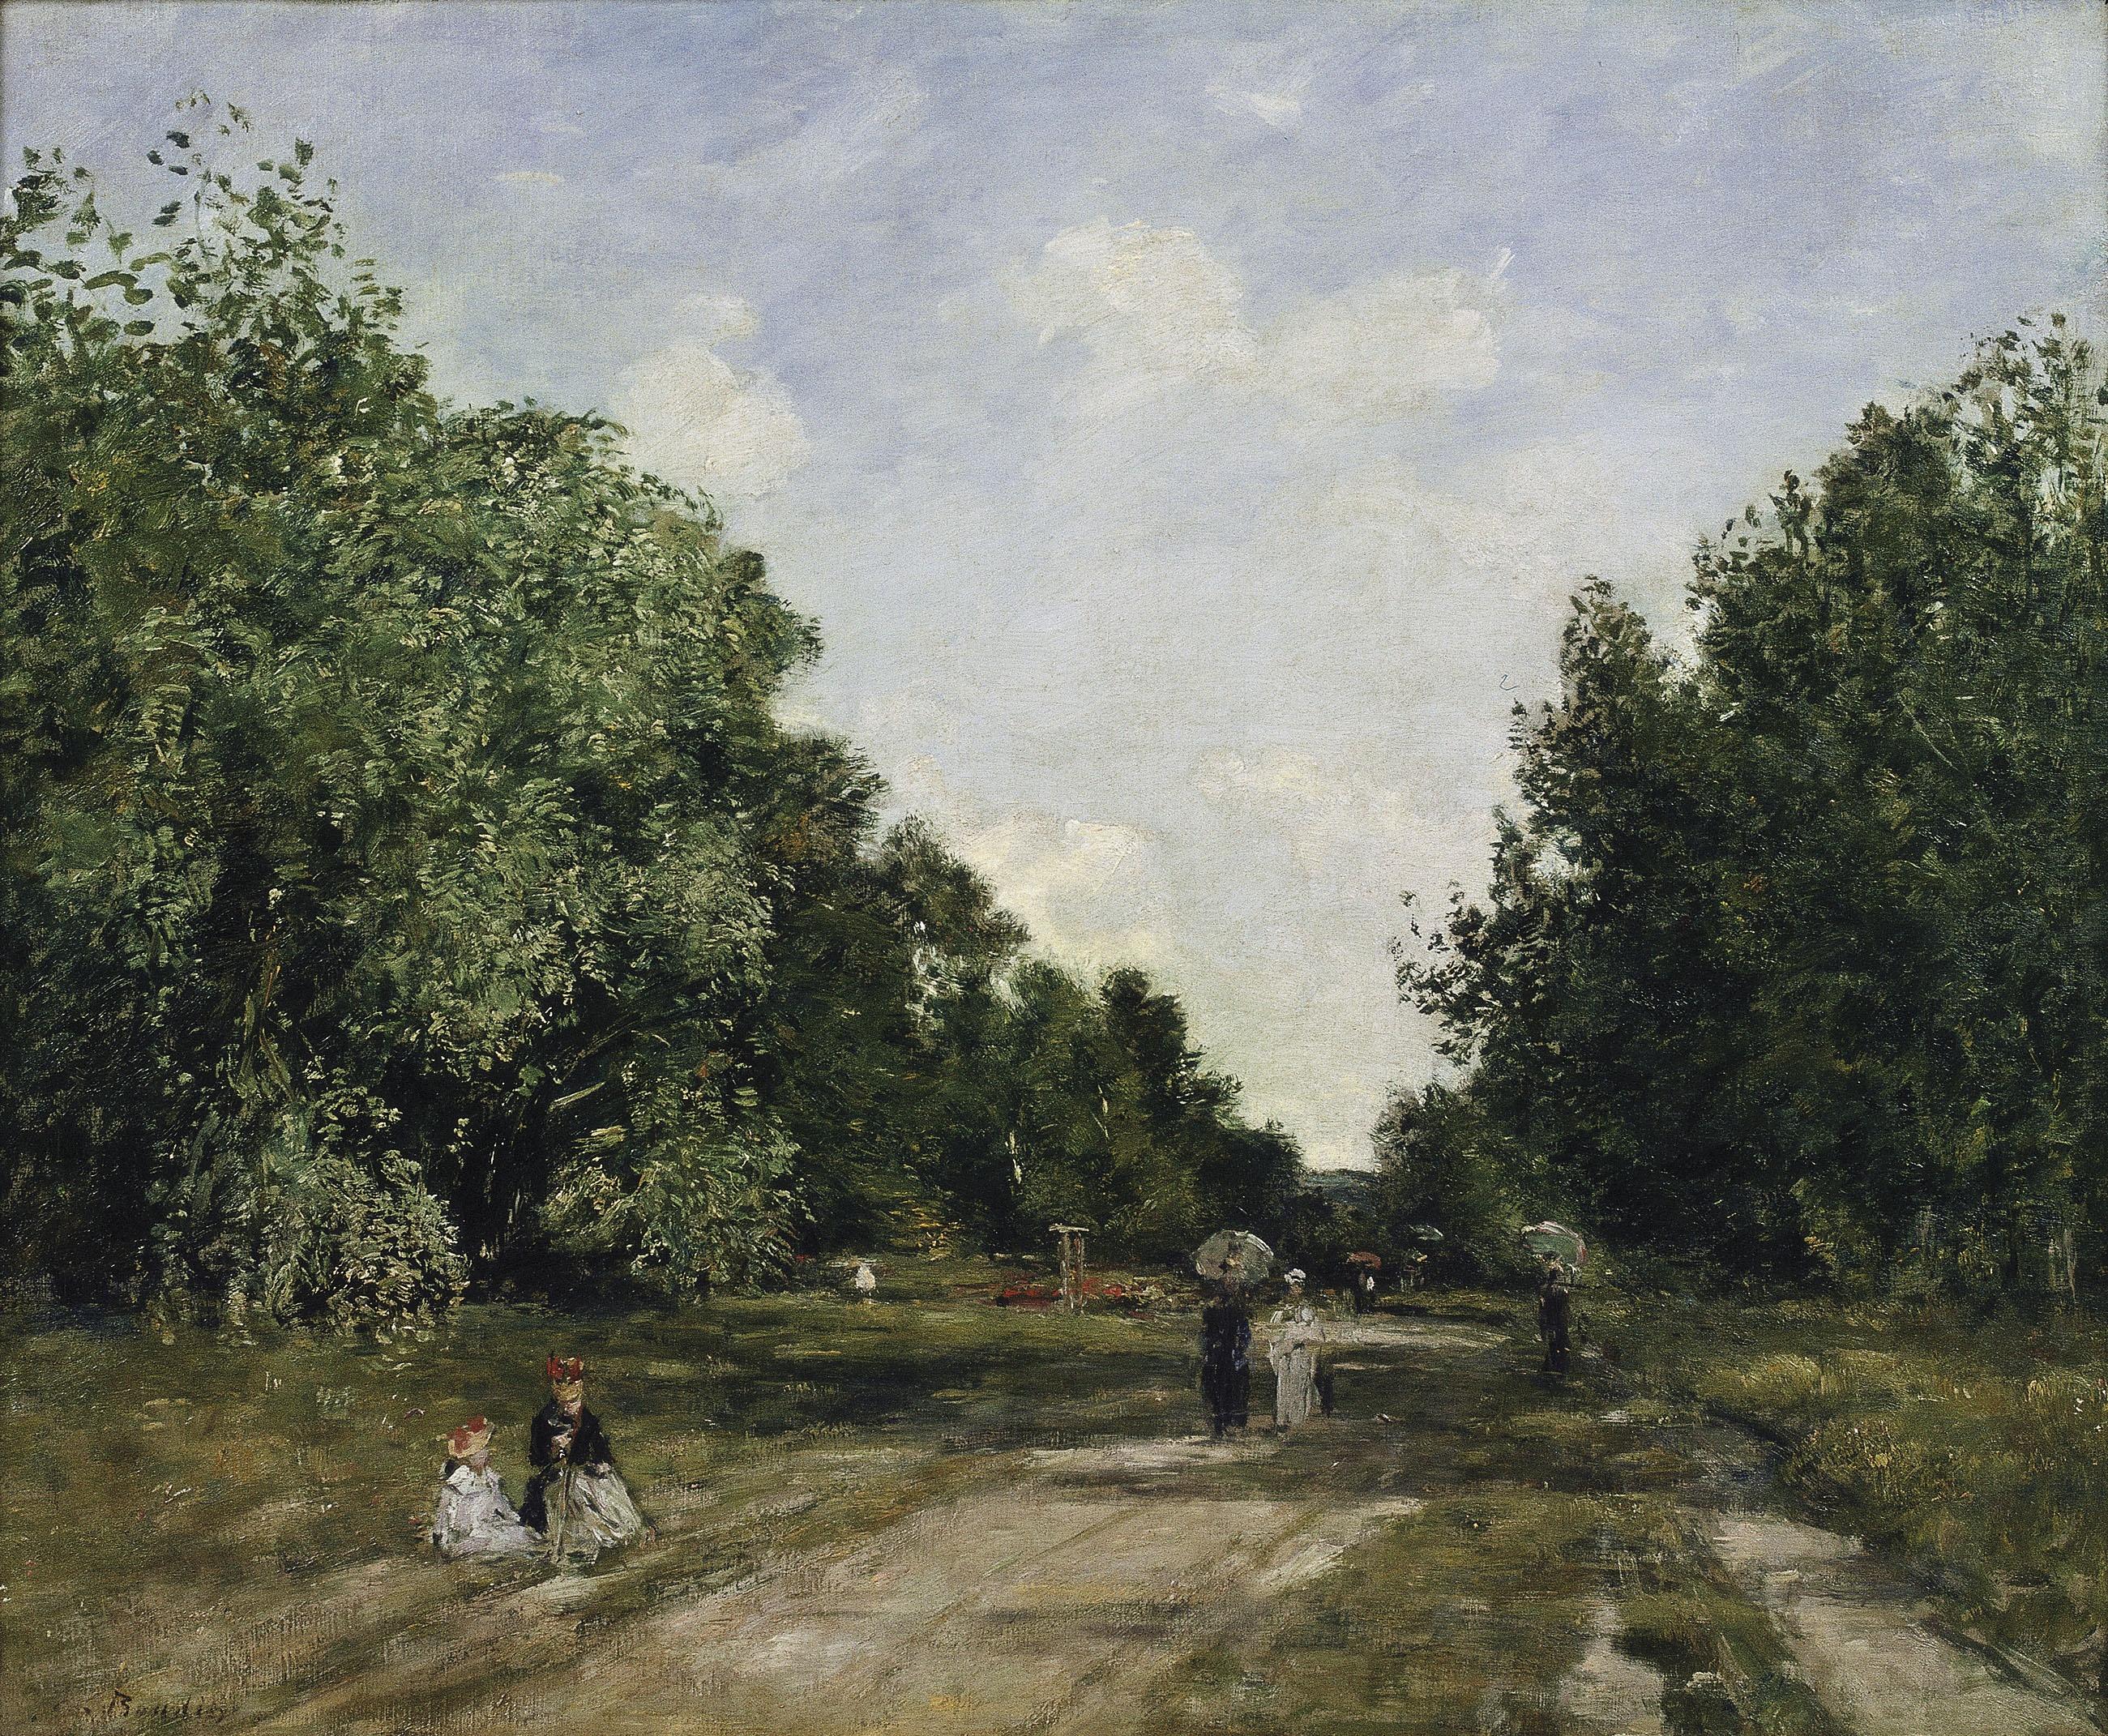 Louis-Eugène Boudin - El parc Cordier a Trouville - Cap a 1880-1885